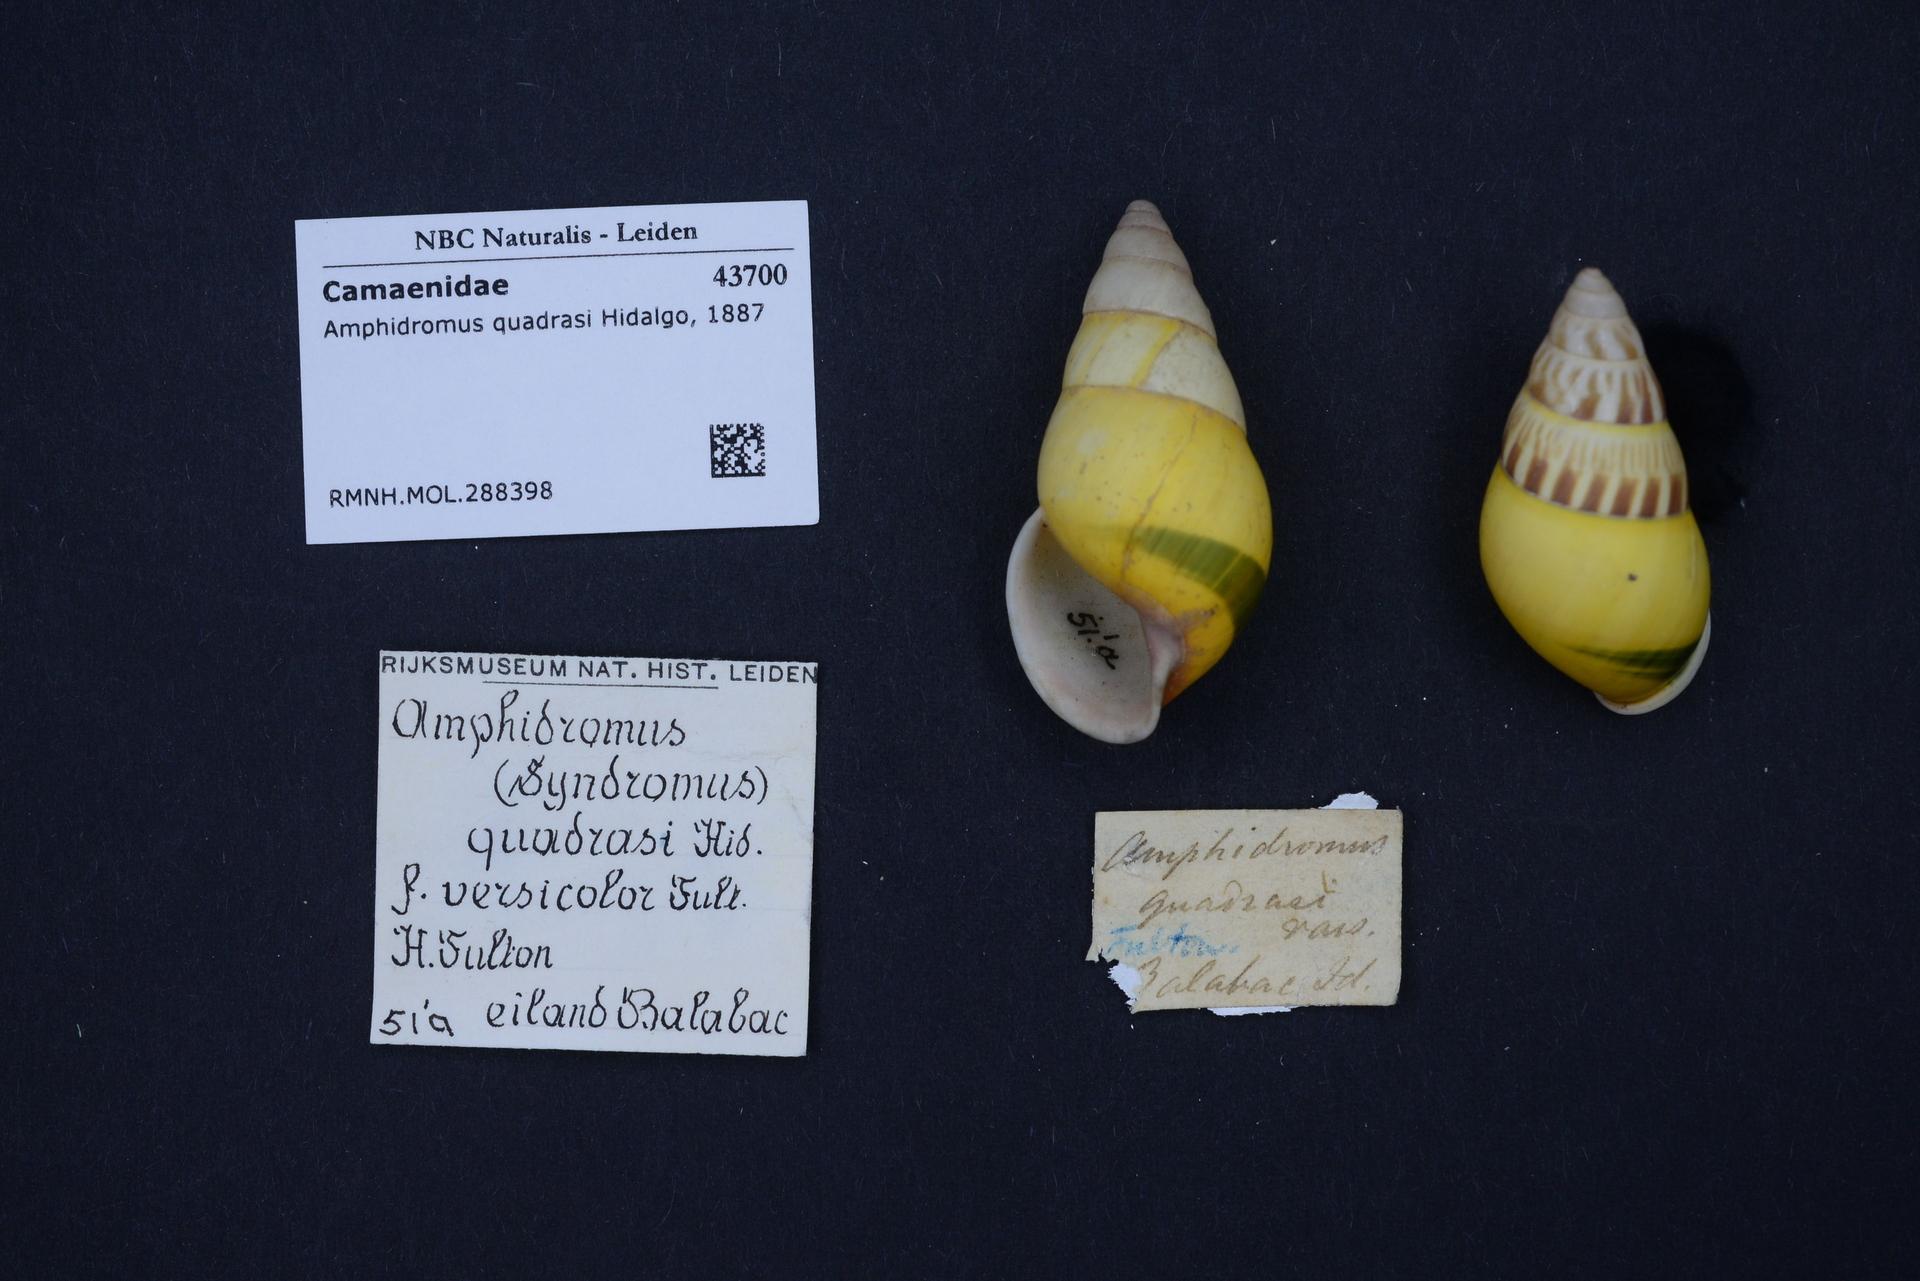 RMNH.MOL.288398 | Amphidromus quadrasi Hidalgo, 1887